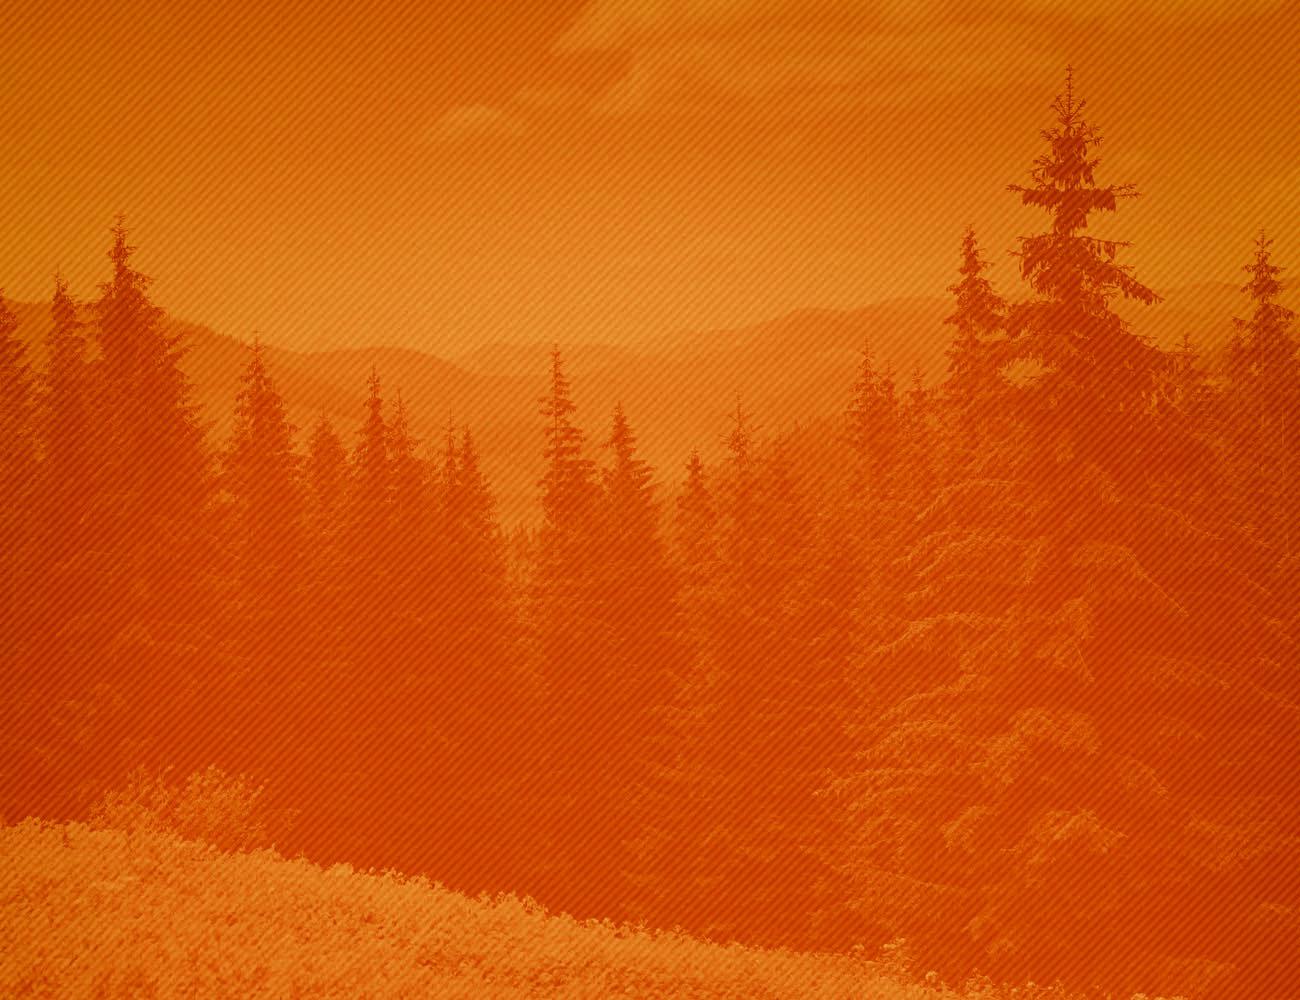 fishing-background-orange